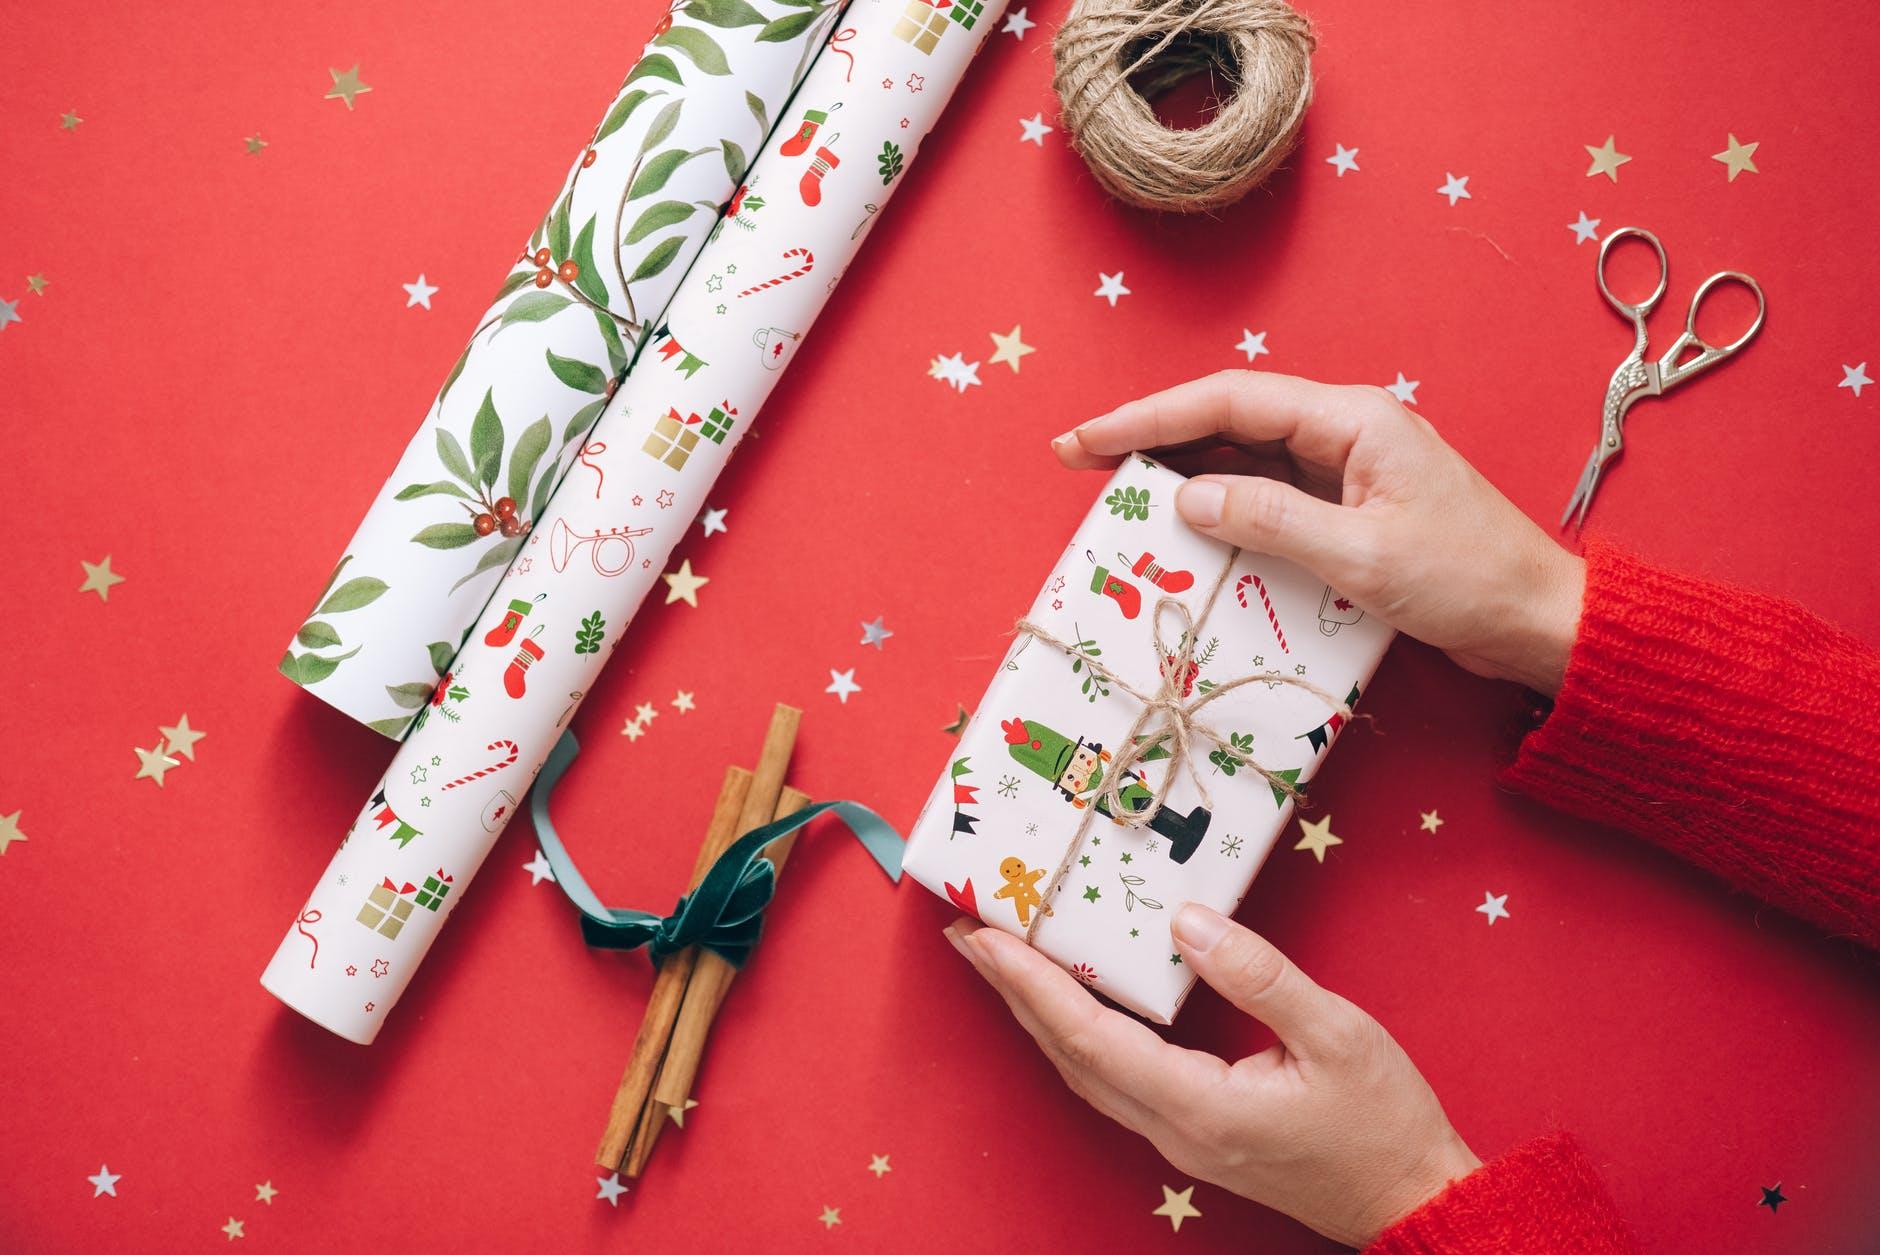 Macam-macam Perayaan Natal di Beberapa Negara